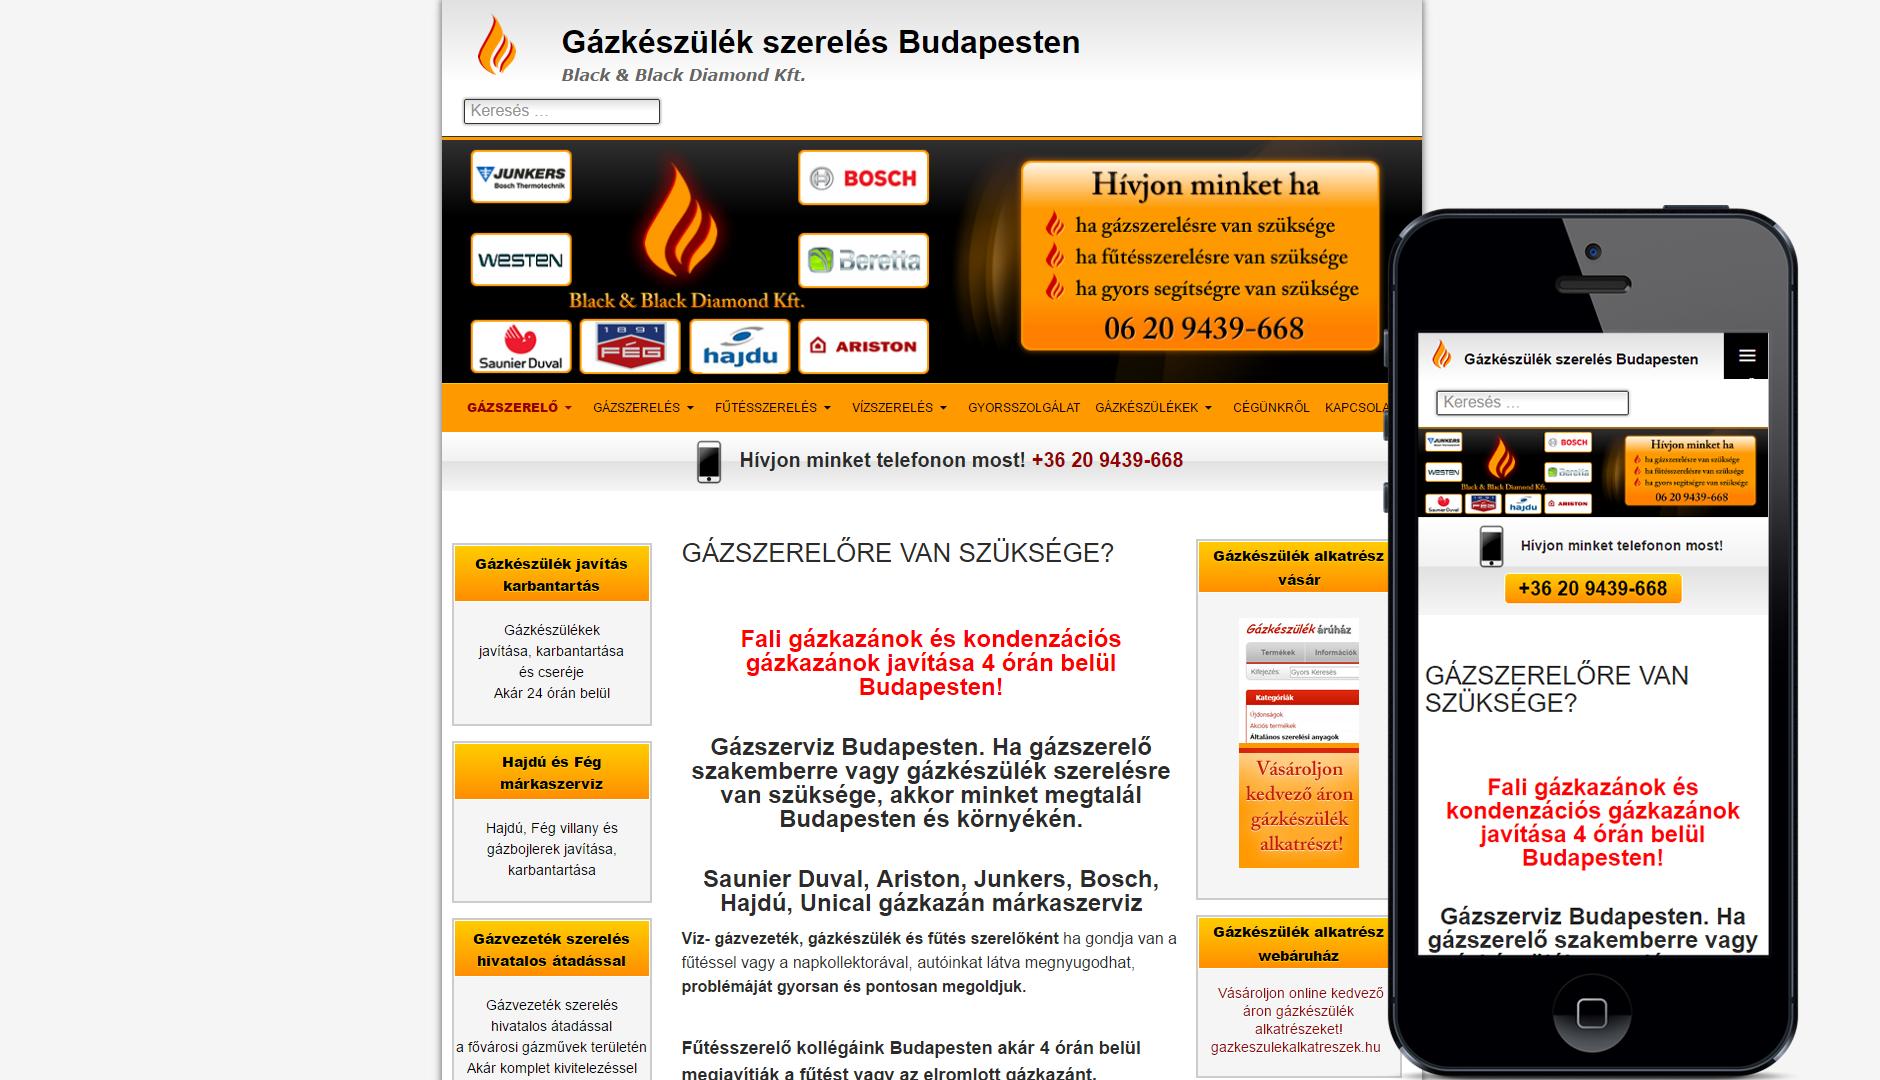 bpgazszerelő reszponzív weboldal azonnali hívás gombbal